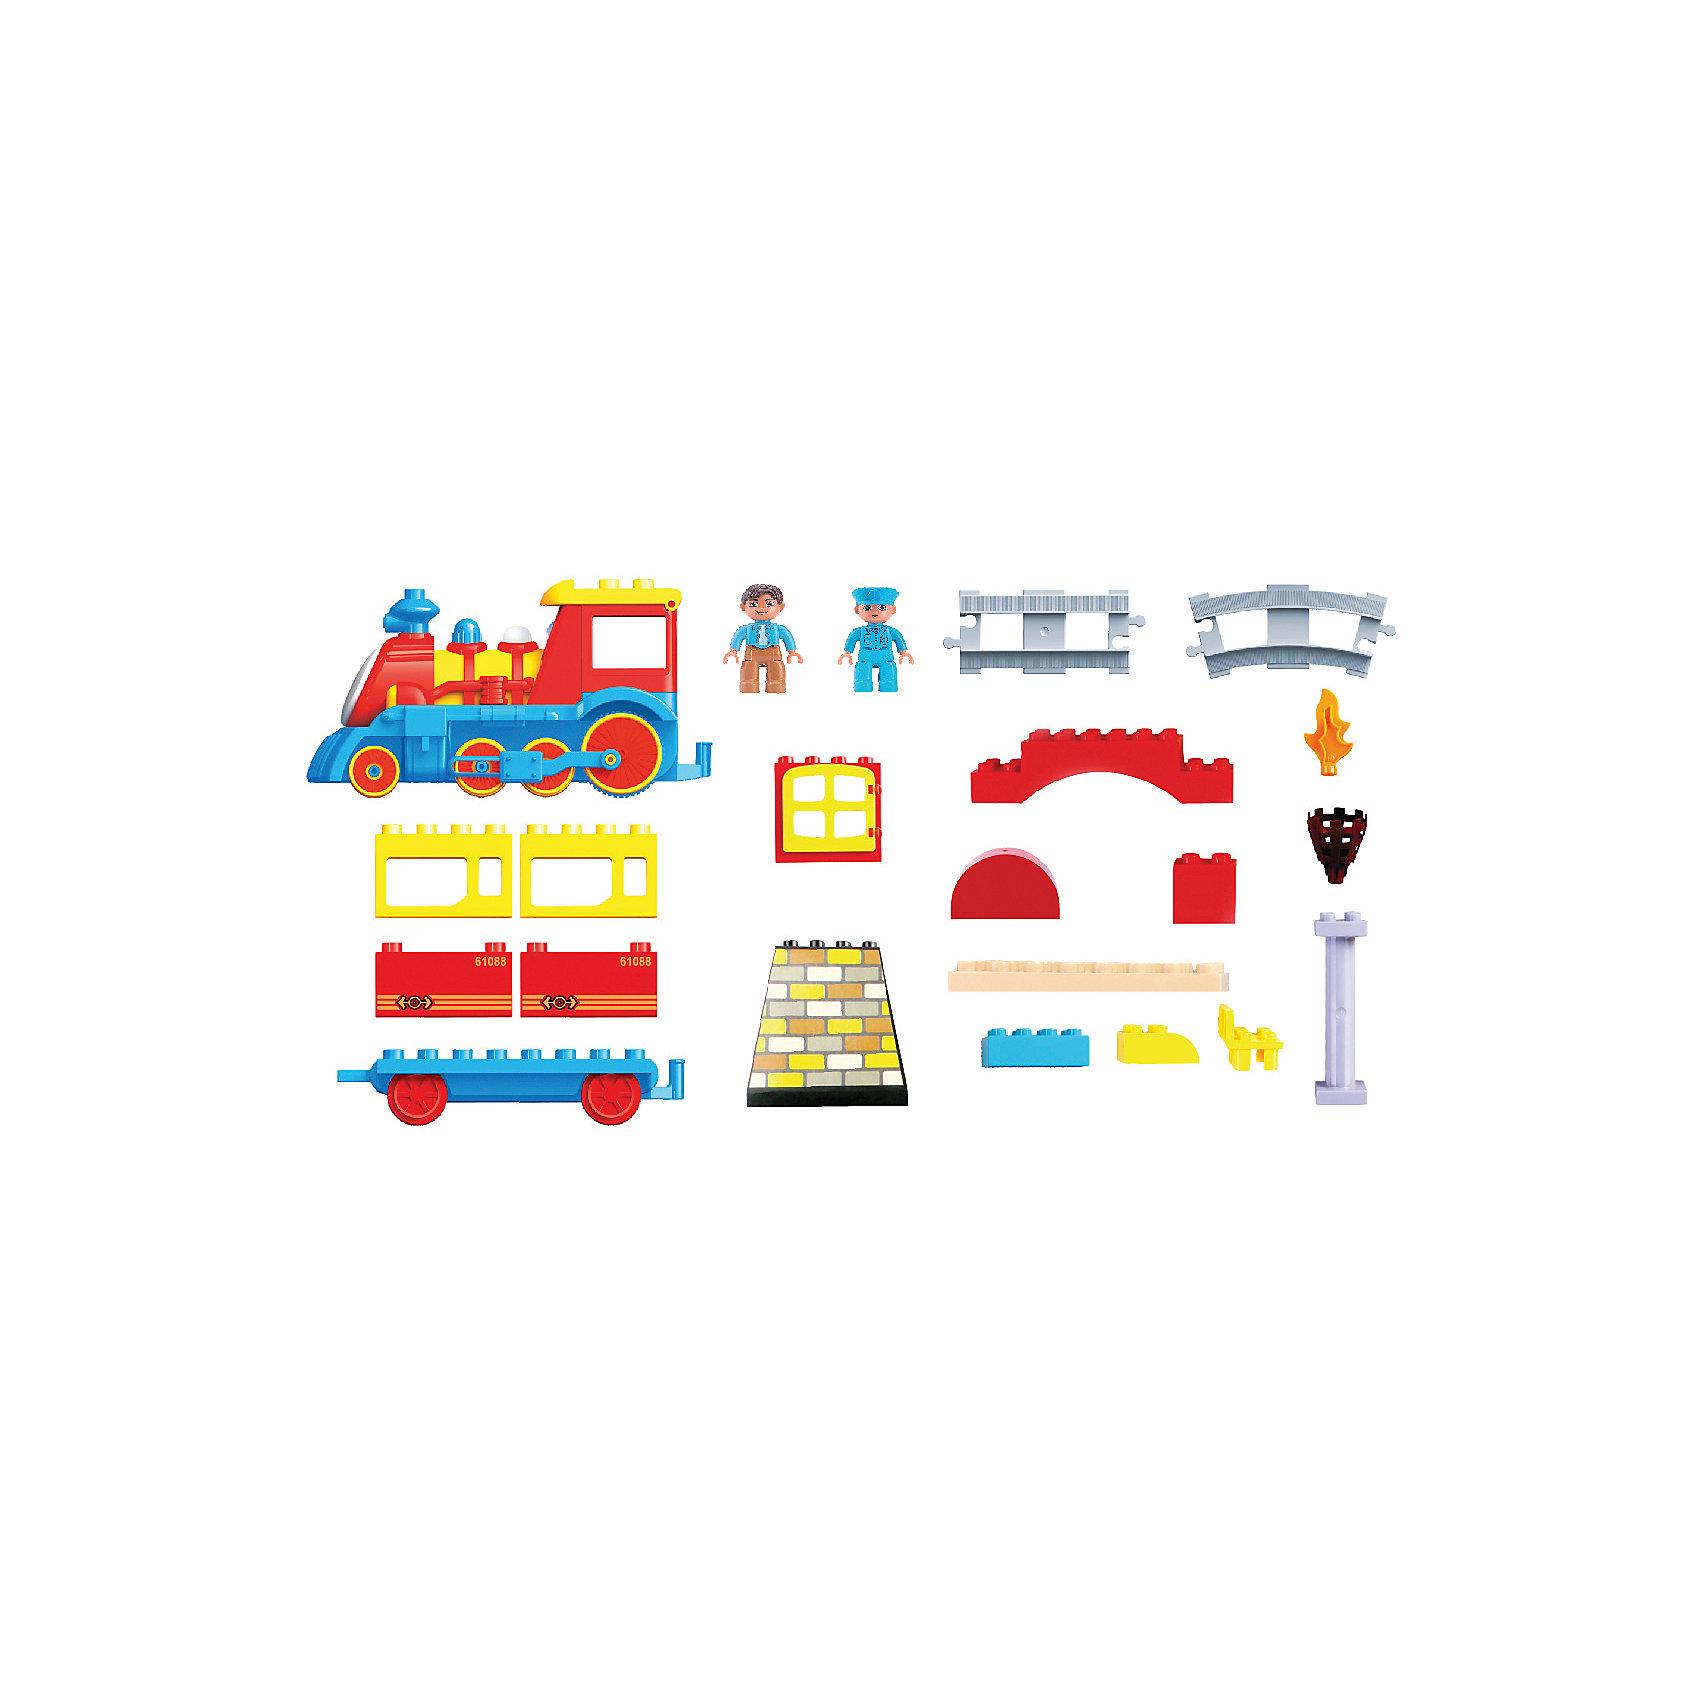 Железная дорога Веселый паровозик, Голубая стрелаИгрушечная железная дорога<br>Железная дорога Веселый паровозик, Голубая стрела.<br><br>Характеристики:<br><br>• Комплектация: паровозик, детали вагончика, фигурка пассажира, прямые и изогнутые элементы пути 22 шт, элементы для сборки станции и ворот 21 шт, пульт управления<br>• Батарейки: для паровозика – 3 типа АА 1,5 V , для пульта управления – 2 типа ААА 1,5 V (в комплект не входят)<br>• Размер в собранном виде: 112х58 см.<br>• Материал: пластик<br>• Упаковка: картонная коробка<br>• Размер упаковки: 49х38х8 см.<br><br>Радиоуправляемая железная дорога «Веселый паровозик» понравится как мальчикам, так и девочкам. Яркие и подвижные элементы, звуковые и световые эффекты приведут в восторг малышей. У веселого паровозика открывается кабинка машиниста, вращаются глазки, светится носик, а труба опускается и поднимается. Управлять составом можно с пульта, заставляя паровозик двигаться как вперед, так и назад. <br><br>Все элементы железной дороги собираются как конструктор. Такая игрушка развивает фантазию ребенка, кругозор, усидчивость, логическое мышление, сенсорное восприятие и моторику рук. Радиоуправляемая железная дорога «Веселый паровозик» была отмечена дипломом 1-ой степени «За высокие потребительские свойства» и золотой медалью «За качество» на выставке «Мир Детства 2013».<br><br>Железную дорогу Веселый паровозик, Голубая стрела можно купить в нашем интернет-магазине.<br><br>Ширина мм: 490<br>Глубина мм: 380<br>Высота мм: 80<br>Вес г: 1800<br>Возраст от месяцев: 36<br>Возраст до месяцев: 2147483647<br>Пол: Мужской<br>Возраст: Детский<br>SKU: 5400255